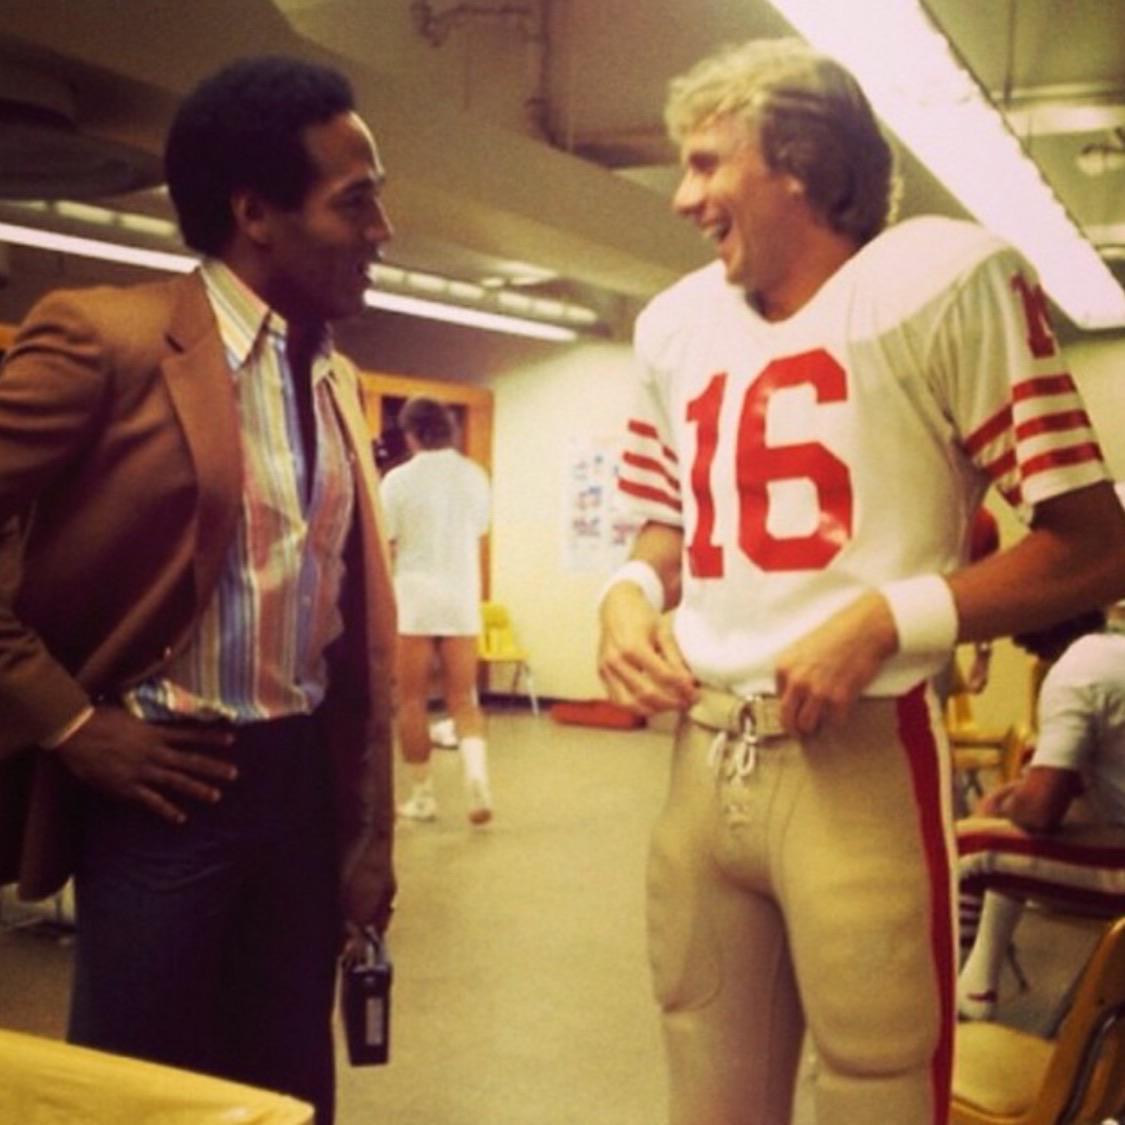 Joe Montana, O.J. Simpson, and the 1979 San Francisco 49ers